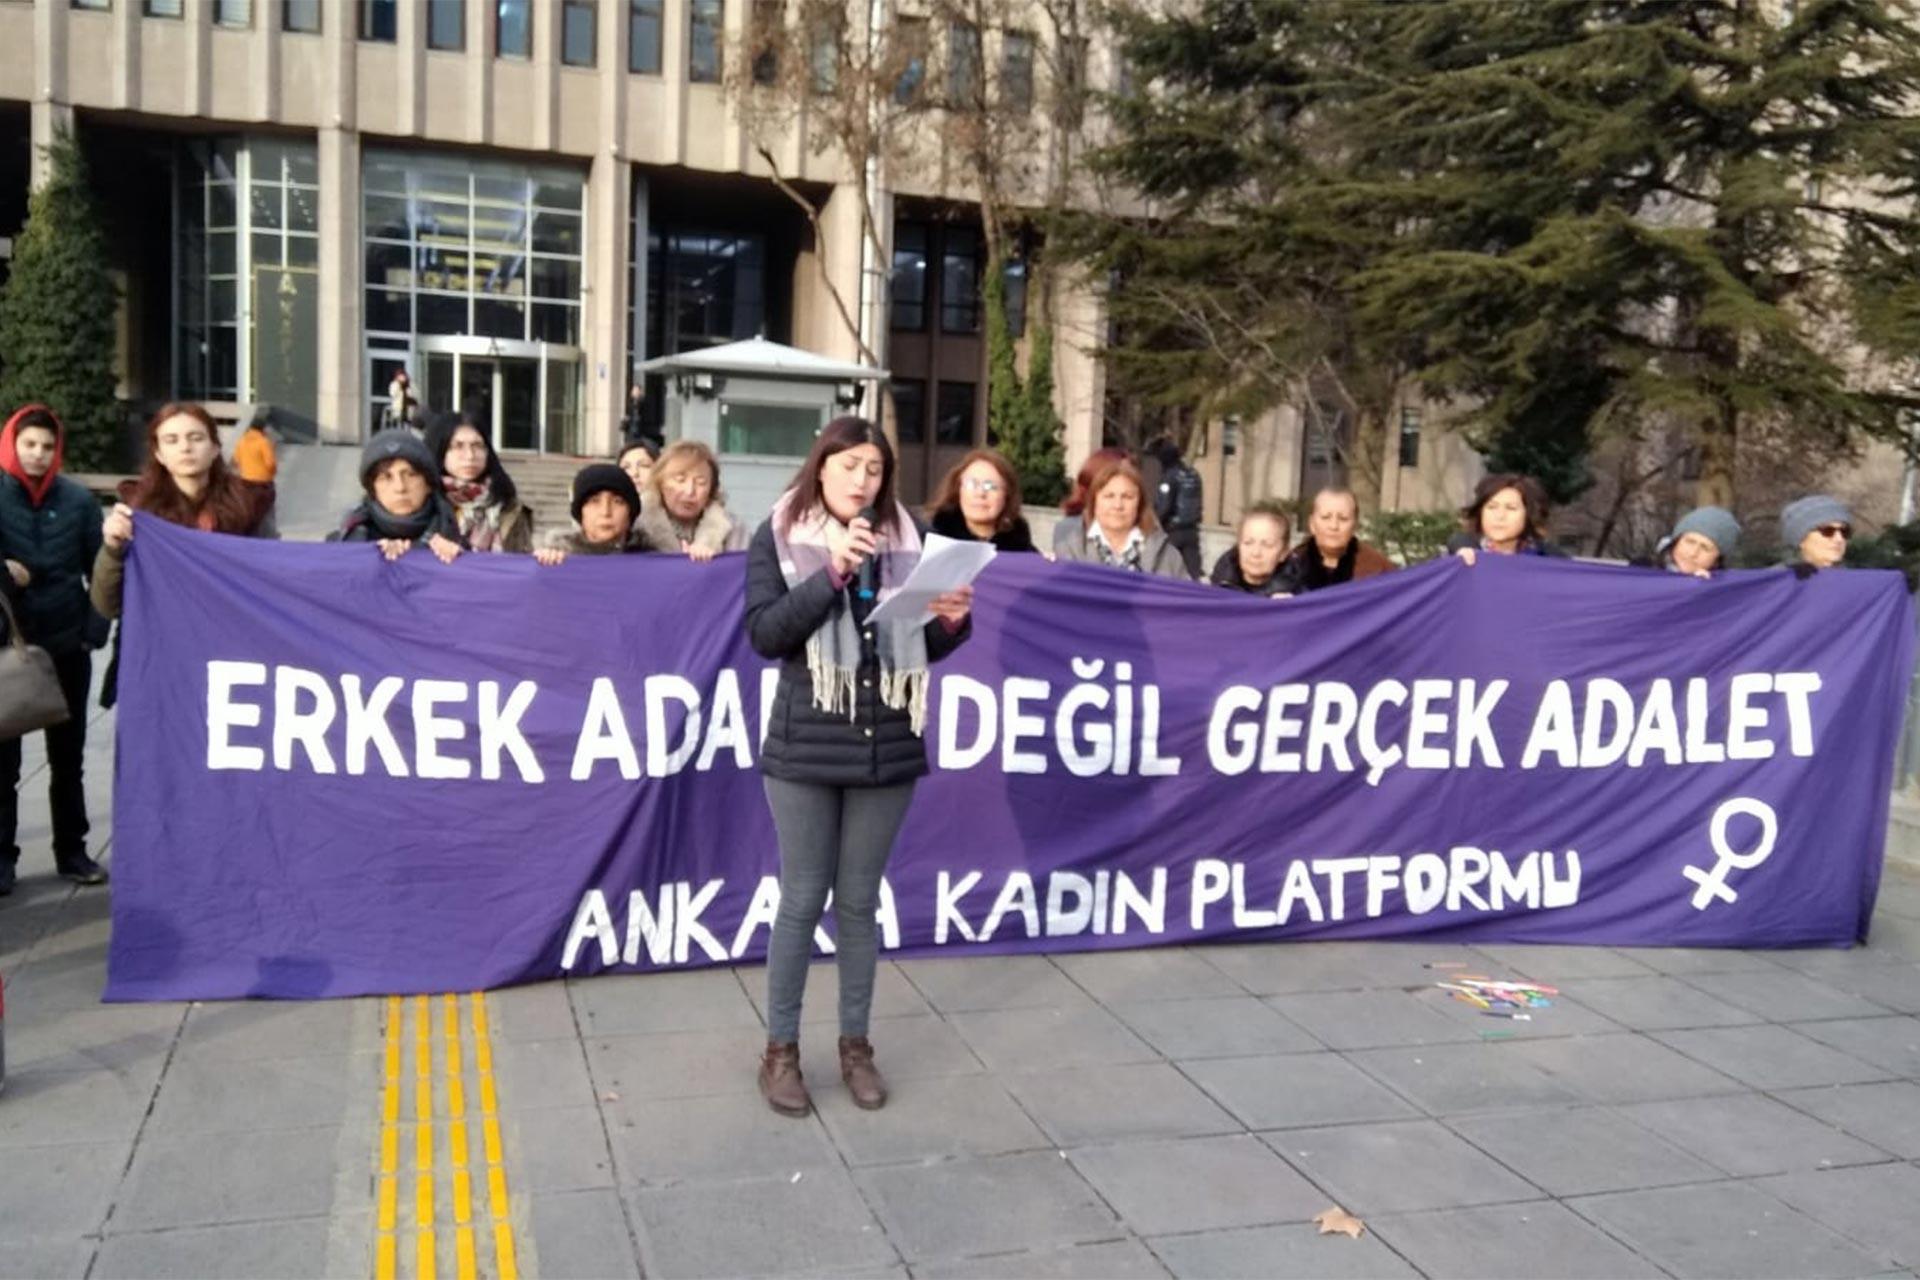 Ceren Damar cinayeti davası öncesi Ankara Kadın Platformu üyeleri adliye önünde basın açıklaması yapıyor